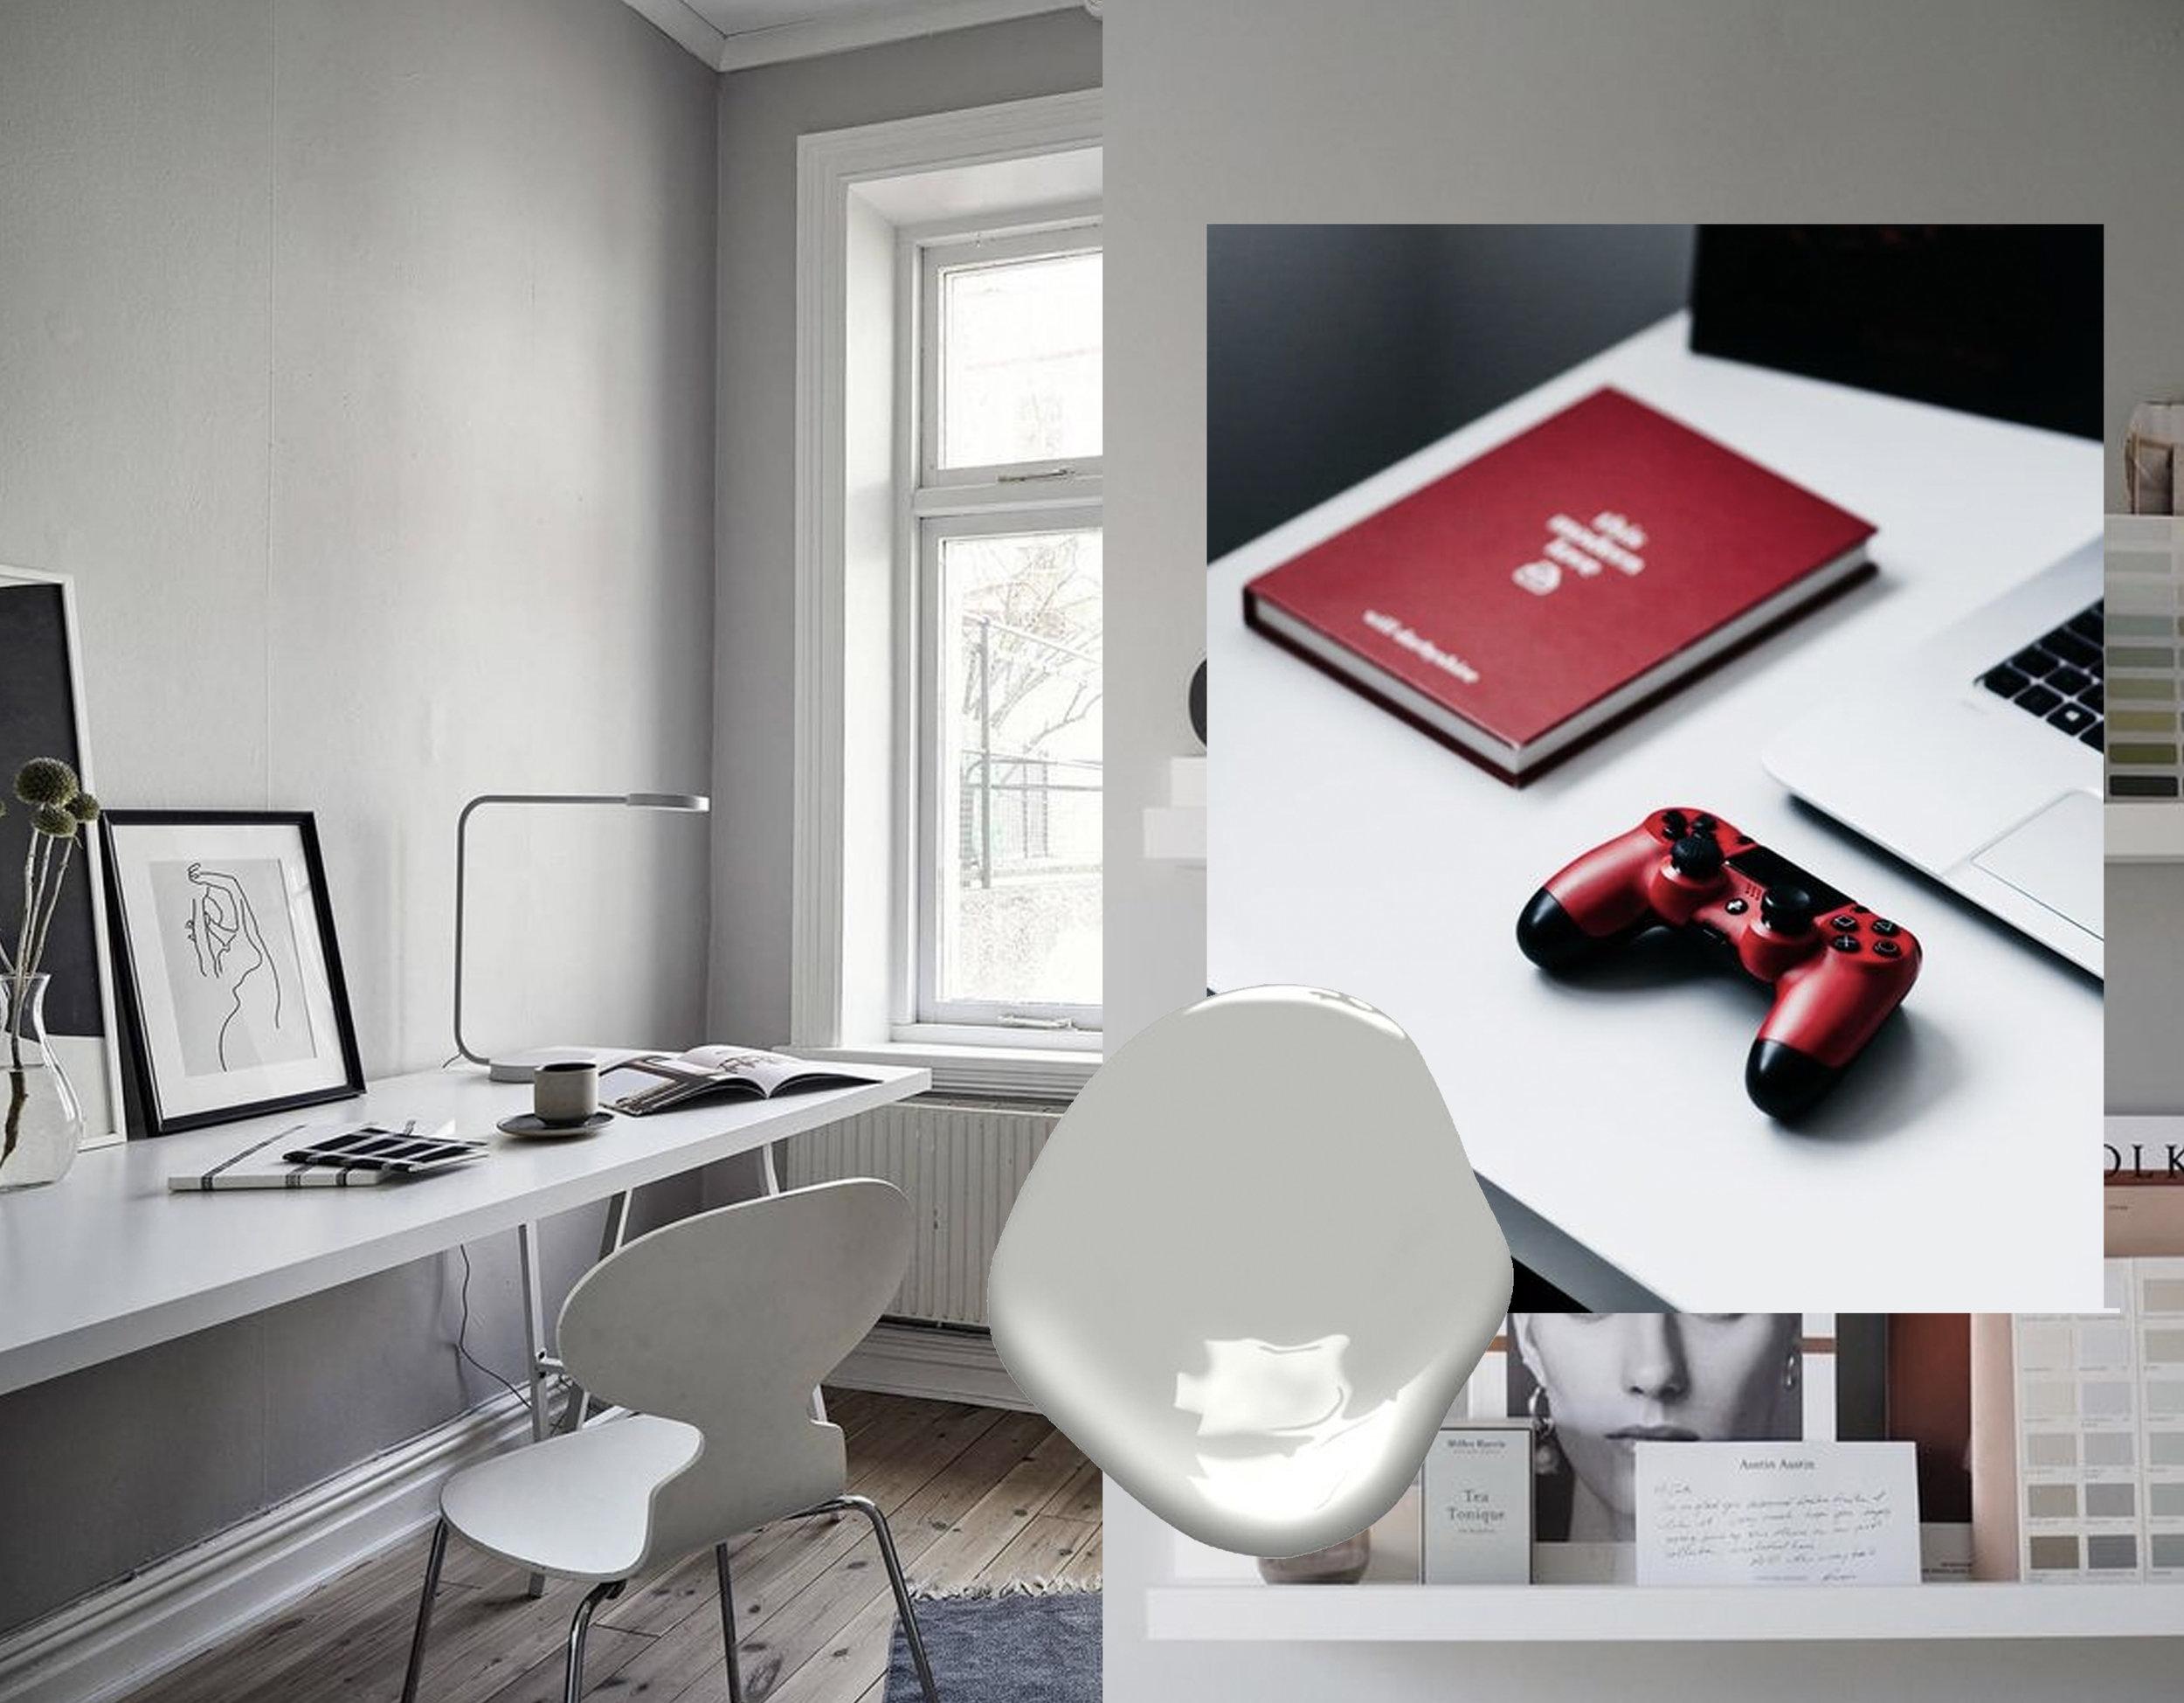 office via  Coco Lapin Design  - red accessories via  Unsplash